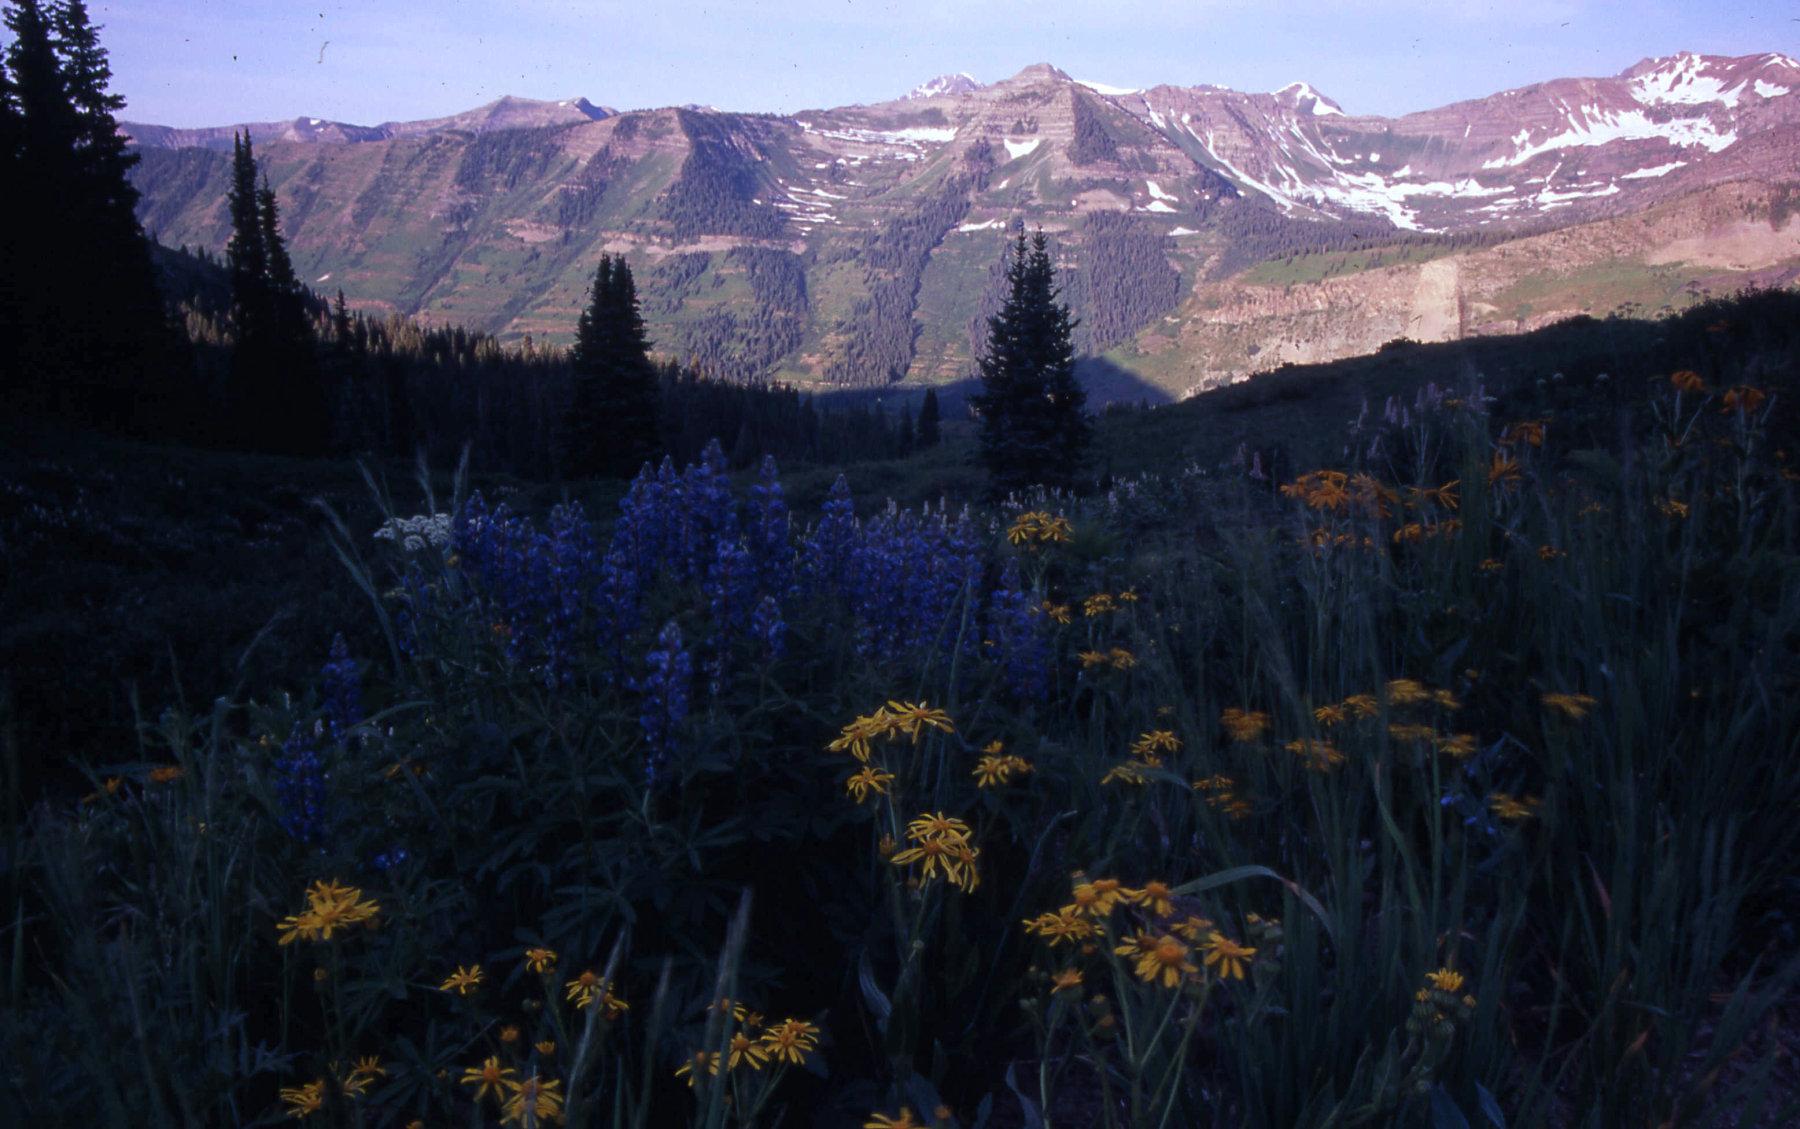 Wildflowers below Paradise Basin